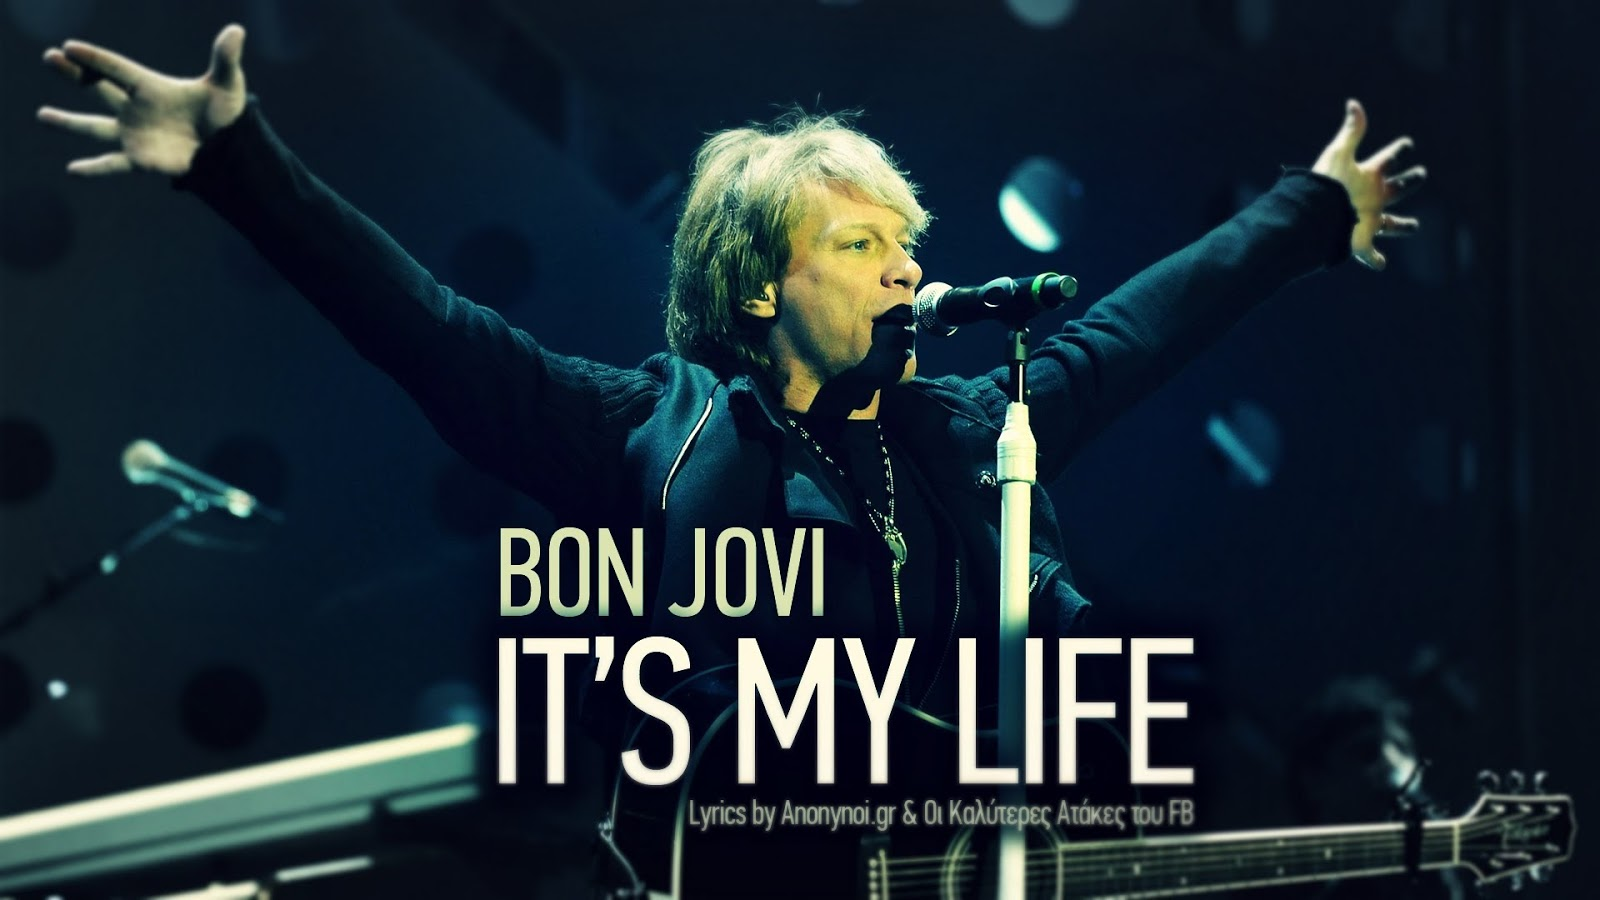 It's My Life Lyrics - Bon Jovi - All Song Lyrics